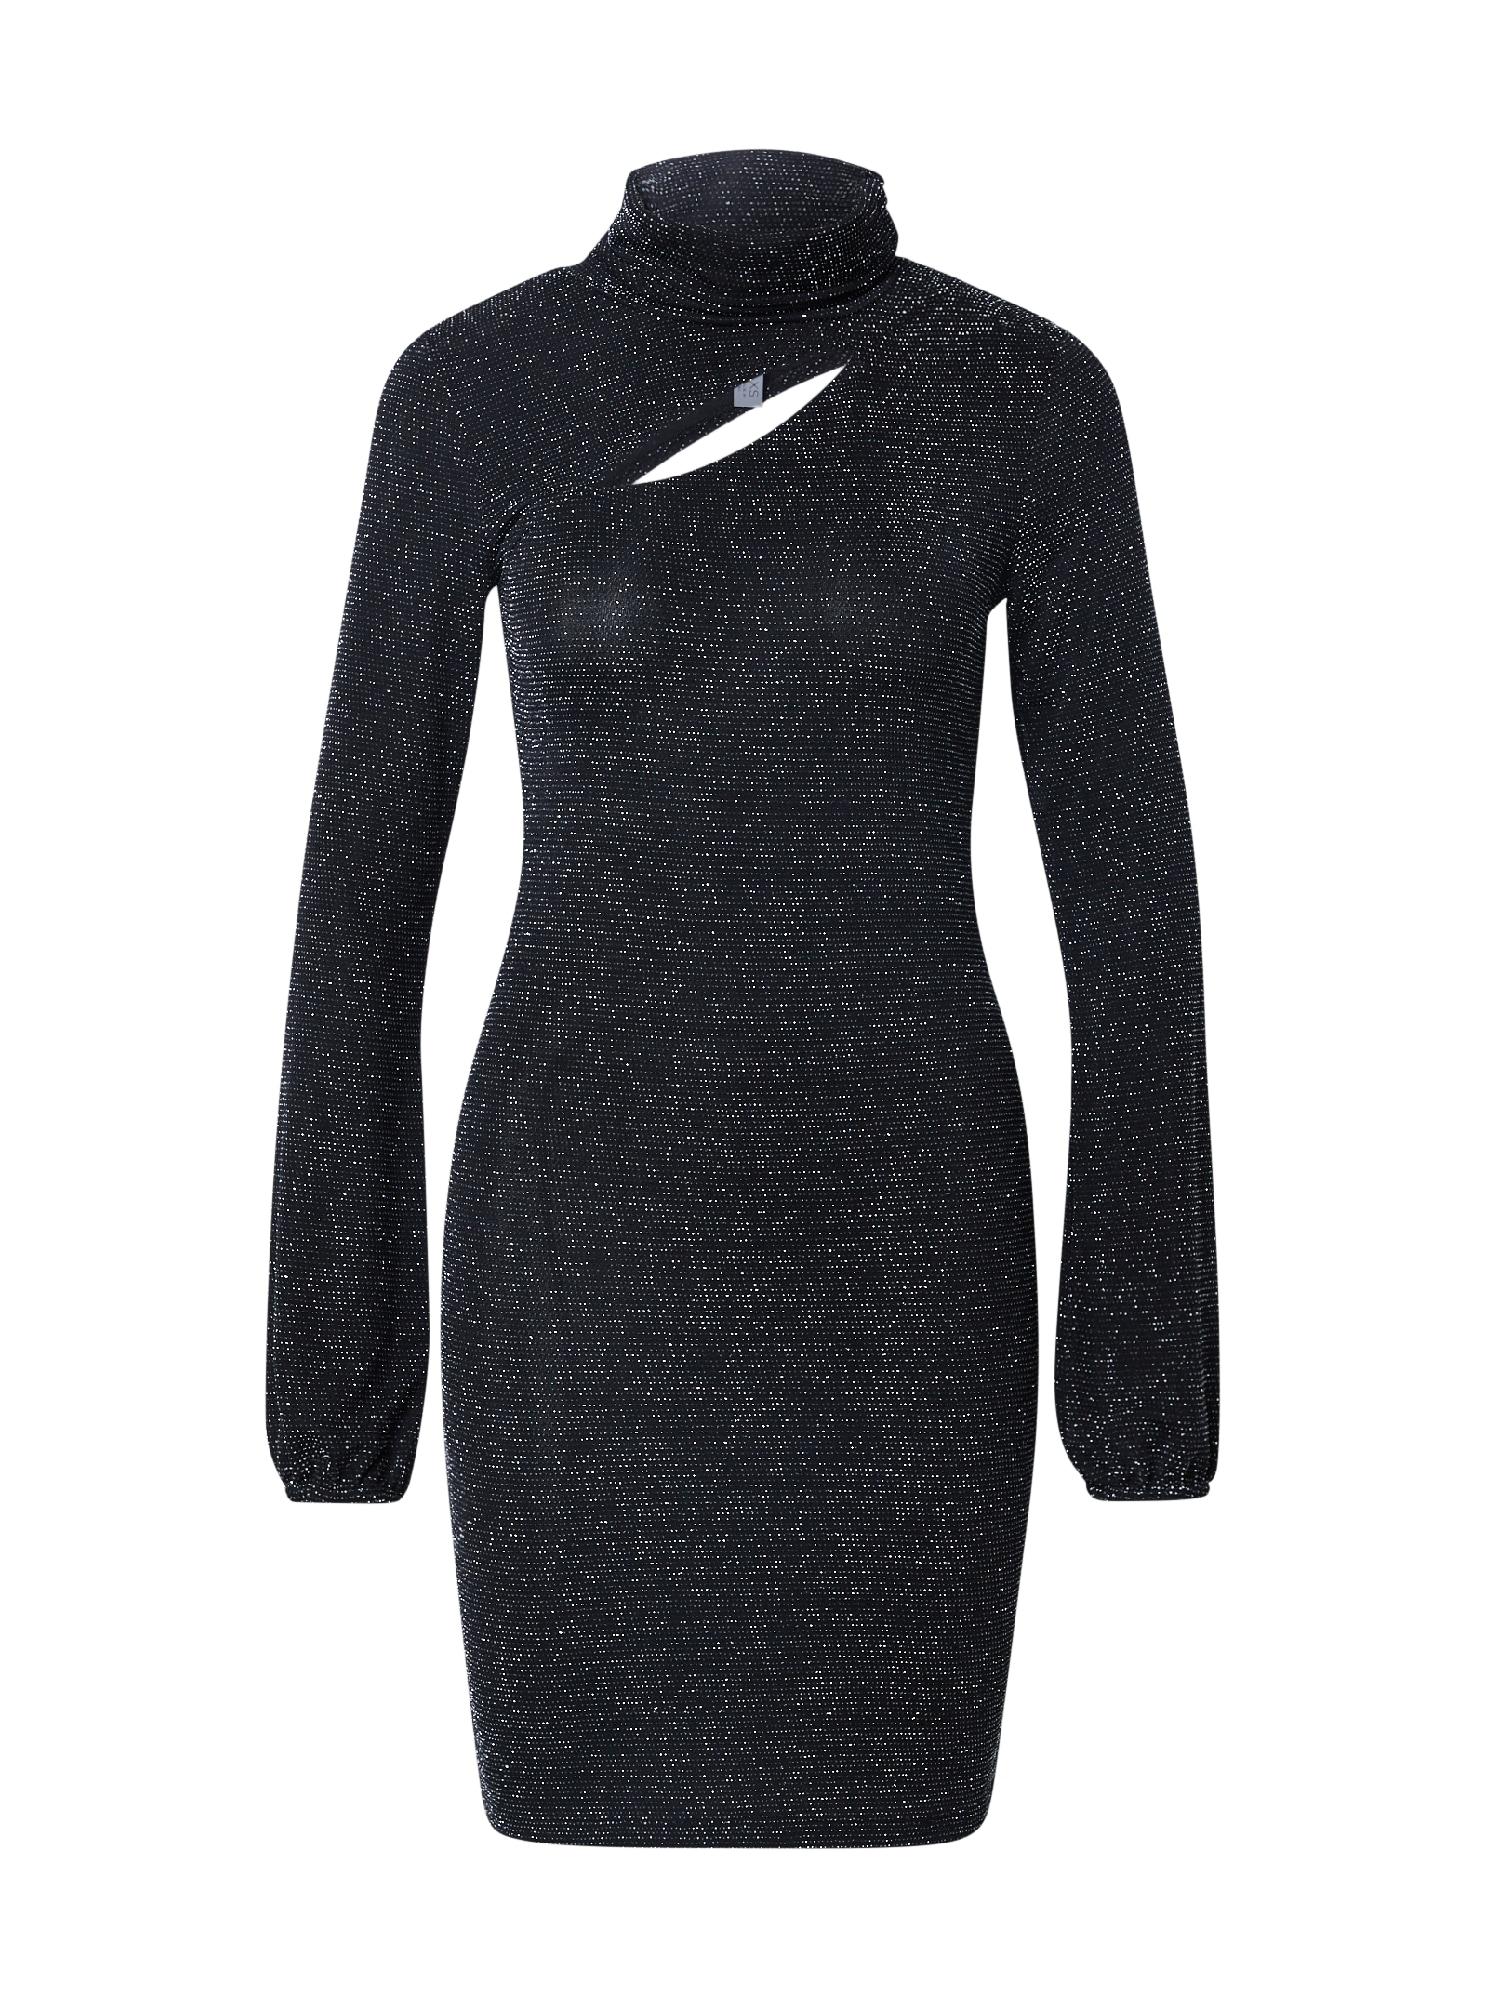 KENDALL + KYLIE Kokteilinė suknelė juoda